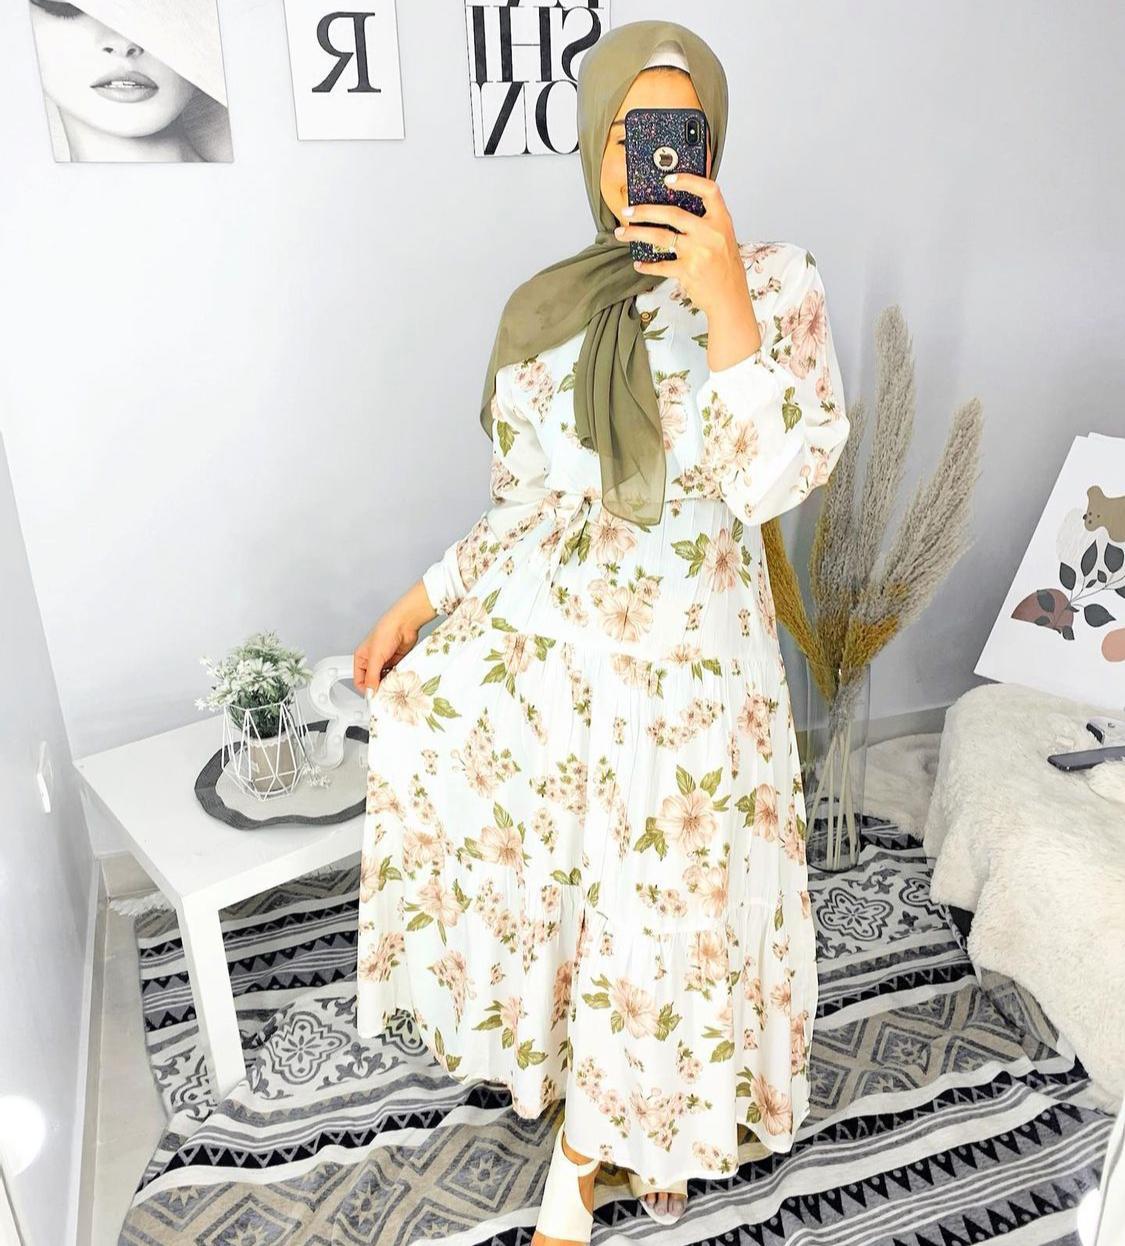 رقية اسماعيل بفستان مطبع بالزهور -الصورة من حسابها على الانستغرام